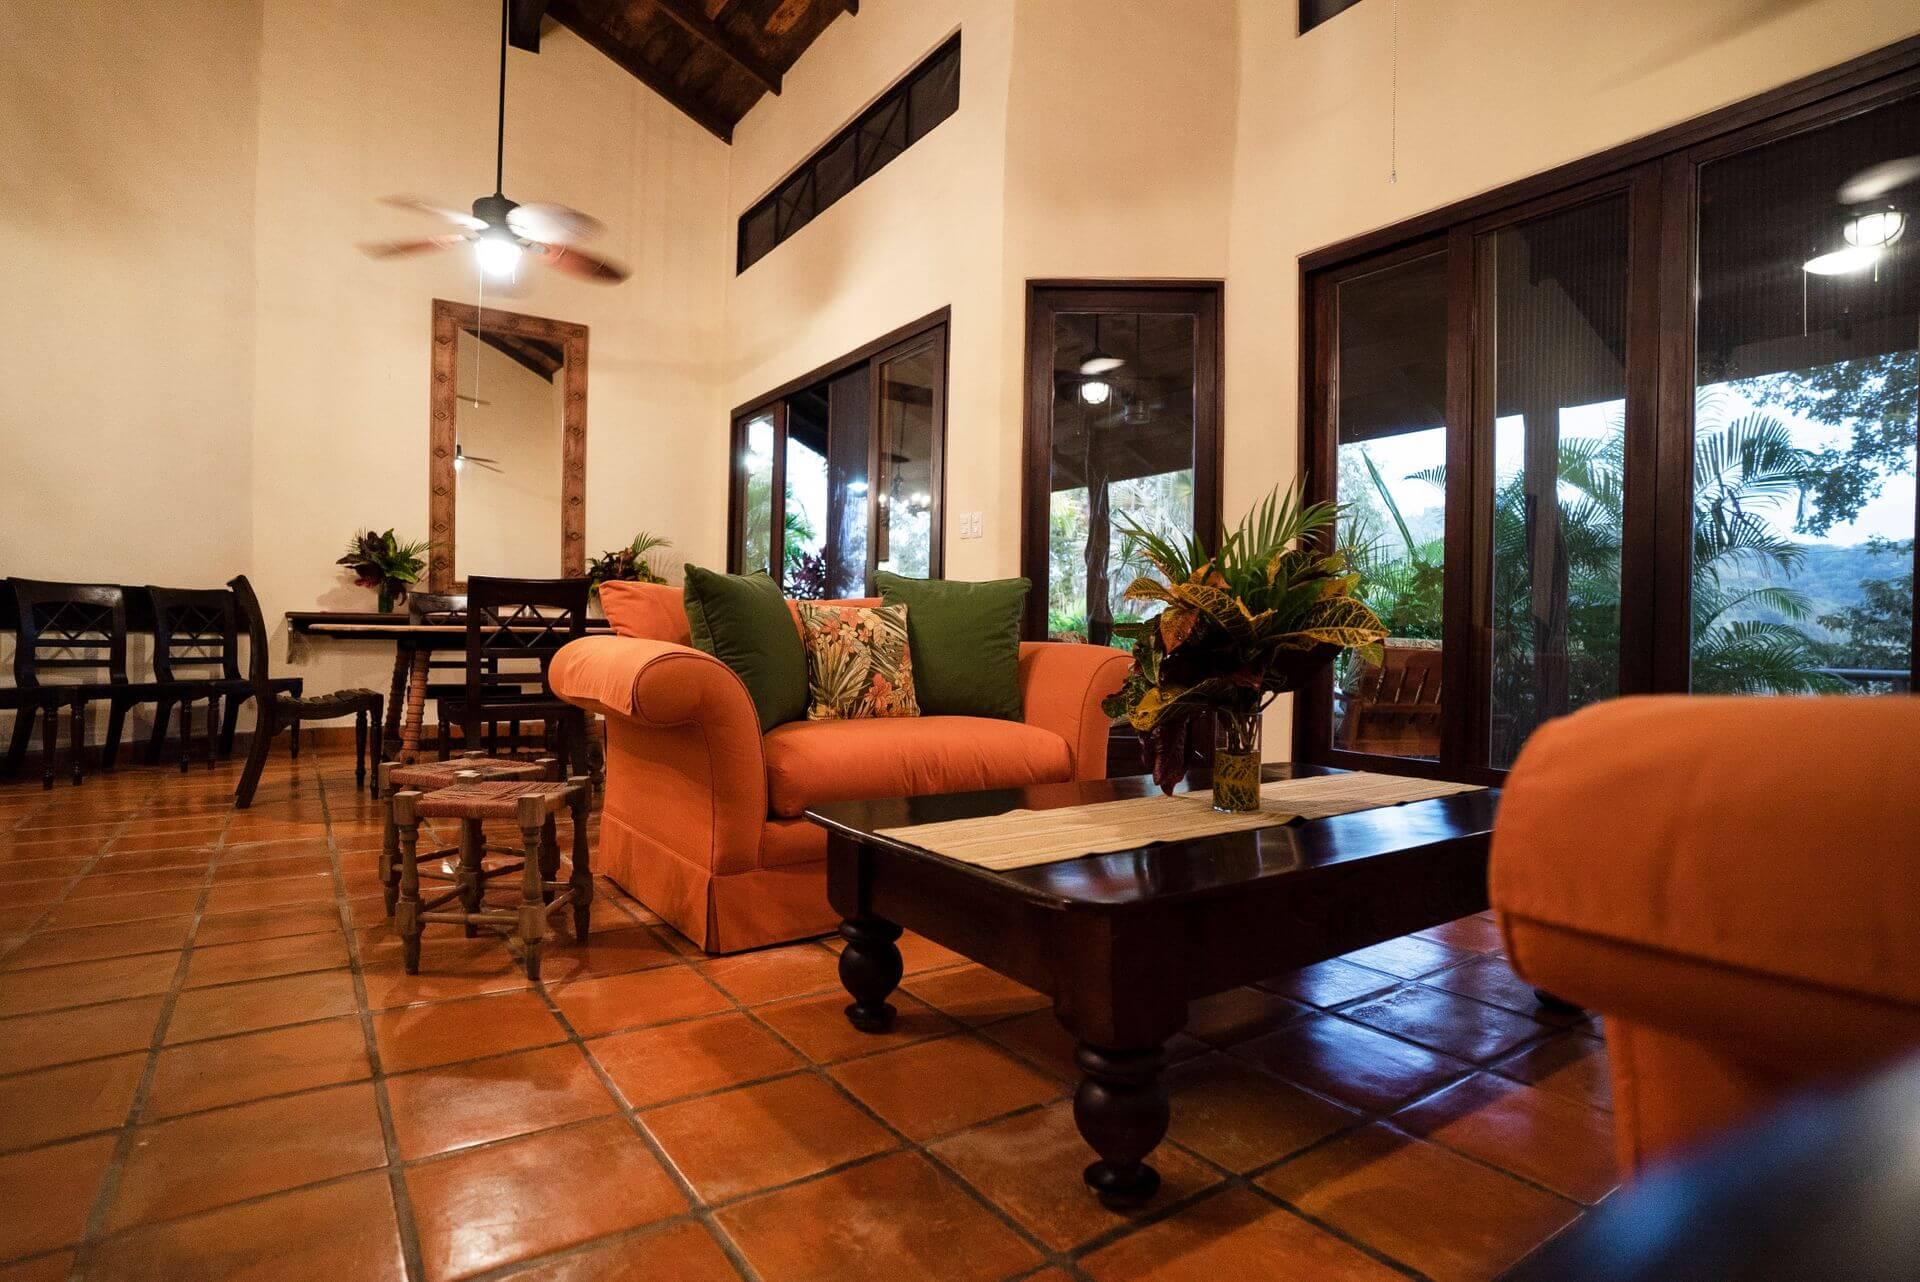 Hacienda Barrigona Casa Barrigona Room